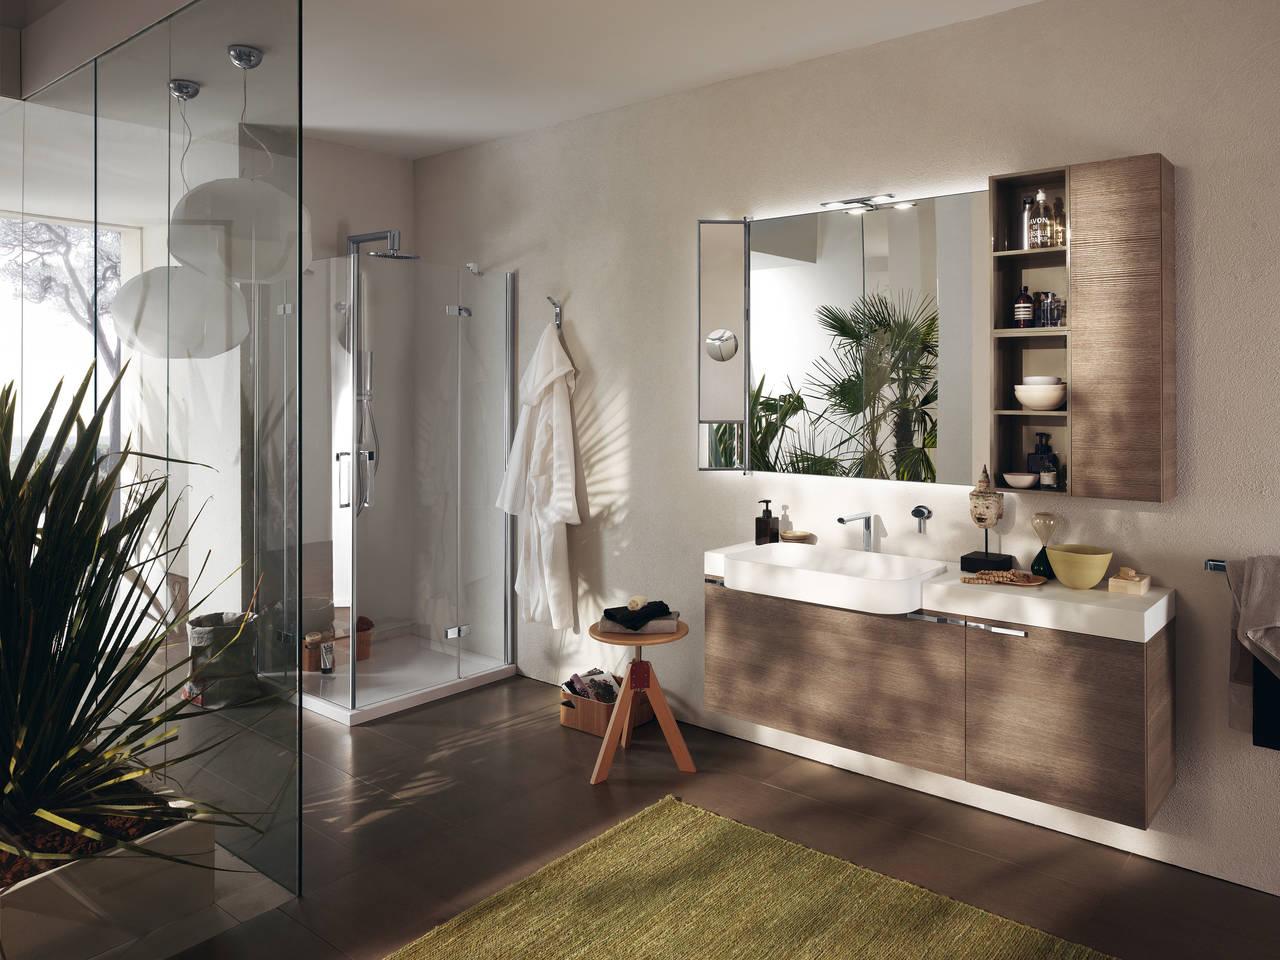 Vasca Da Bagno Scavolini Prezzo : Il calore del legno con scavolini bathrooms area